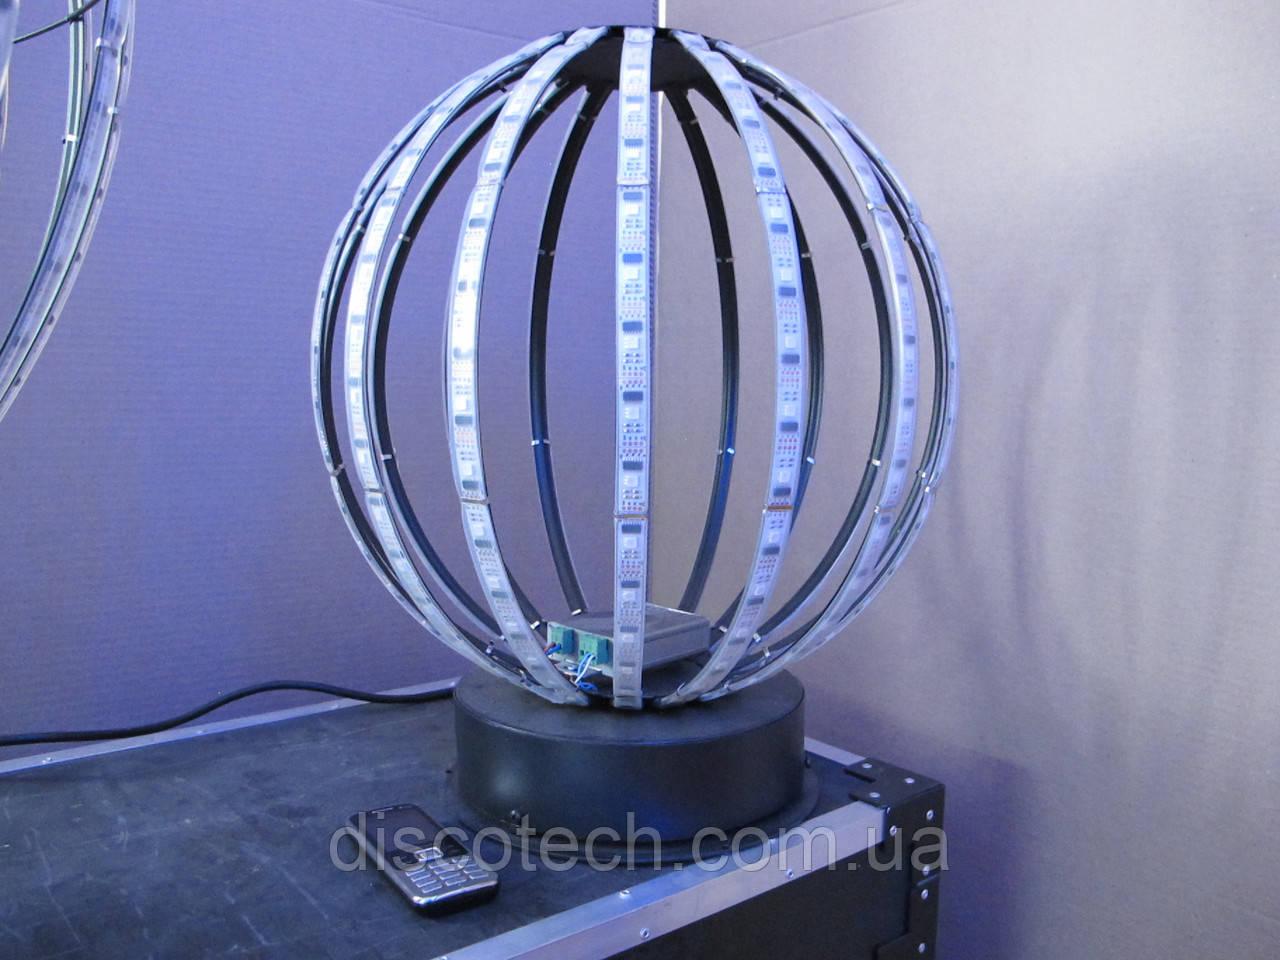 Сфера диаметр- 400мм, 16лучей, 16пикс/луч, шаг-32мм (256пикс, 64W, БП-90W/5V-1шт)